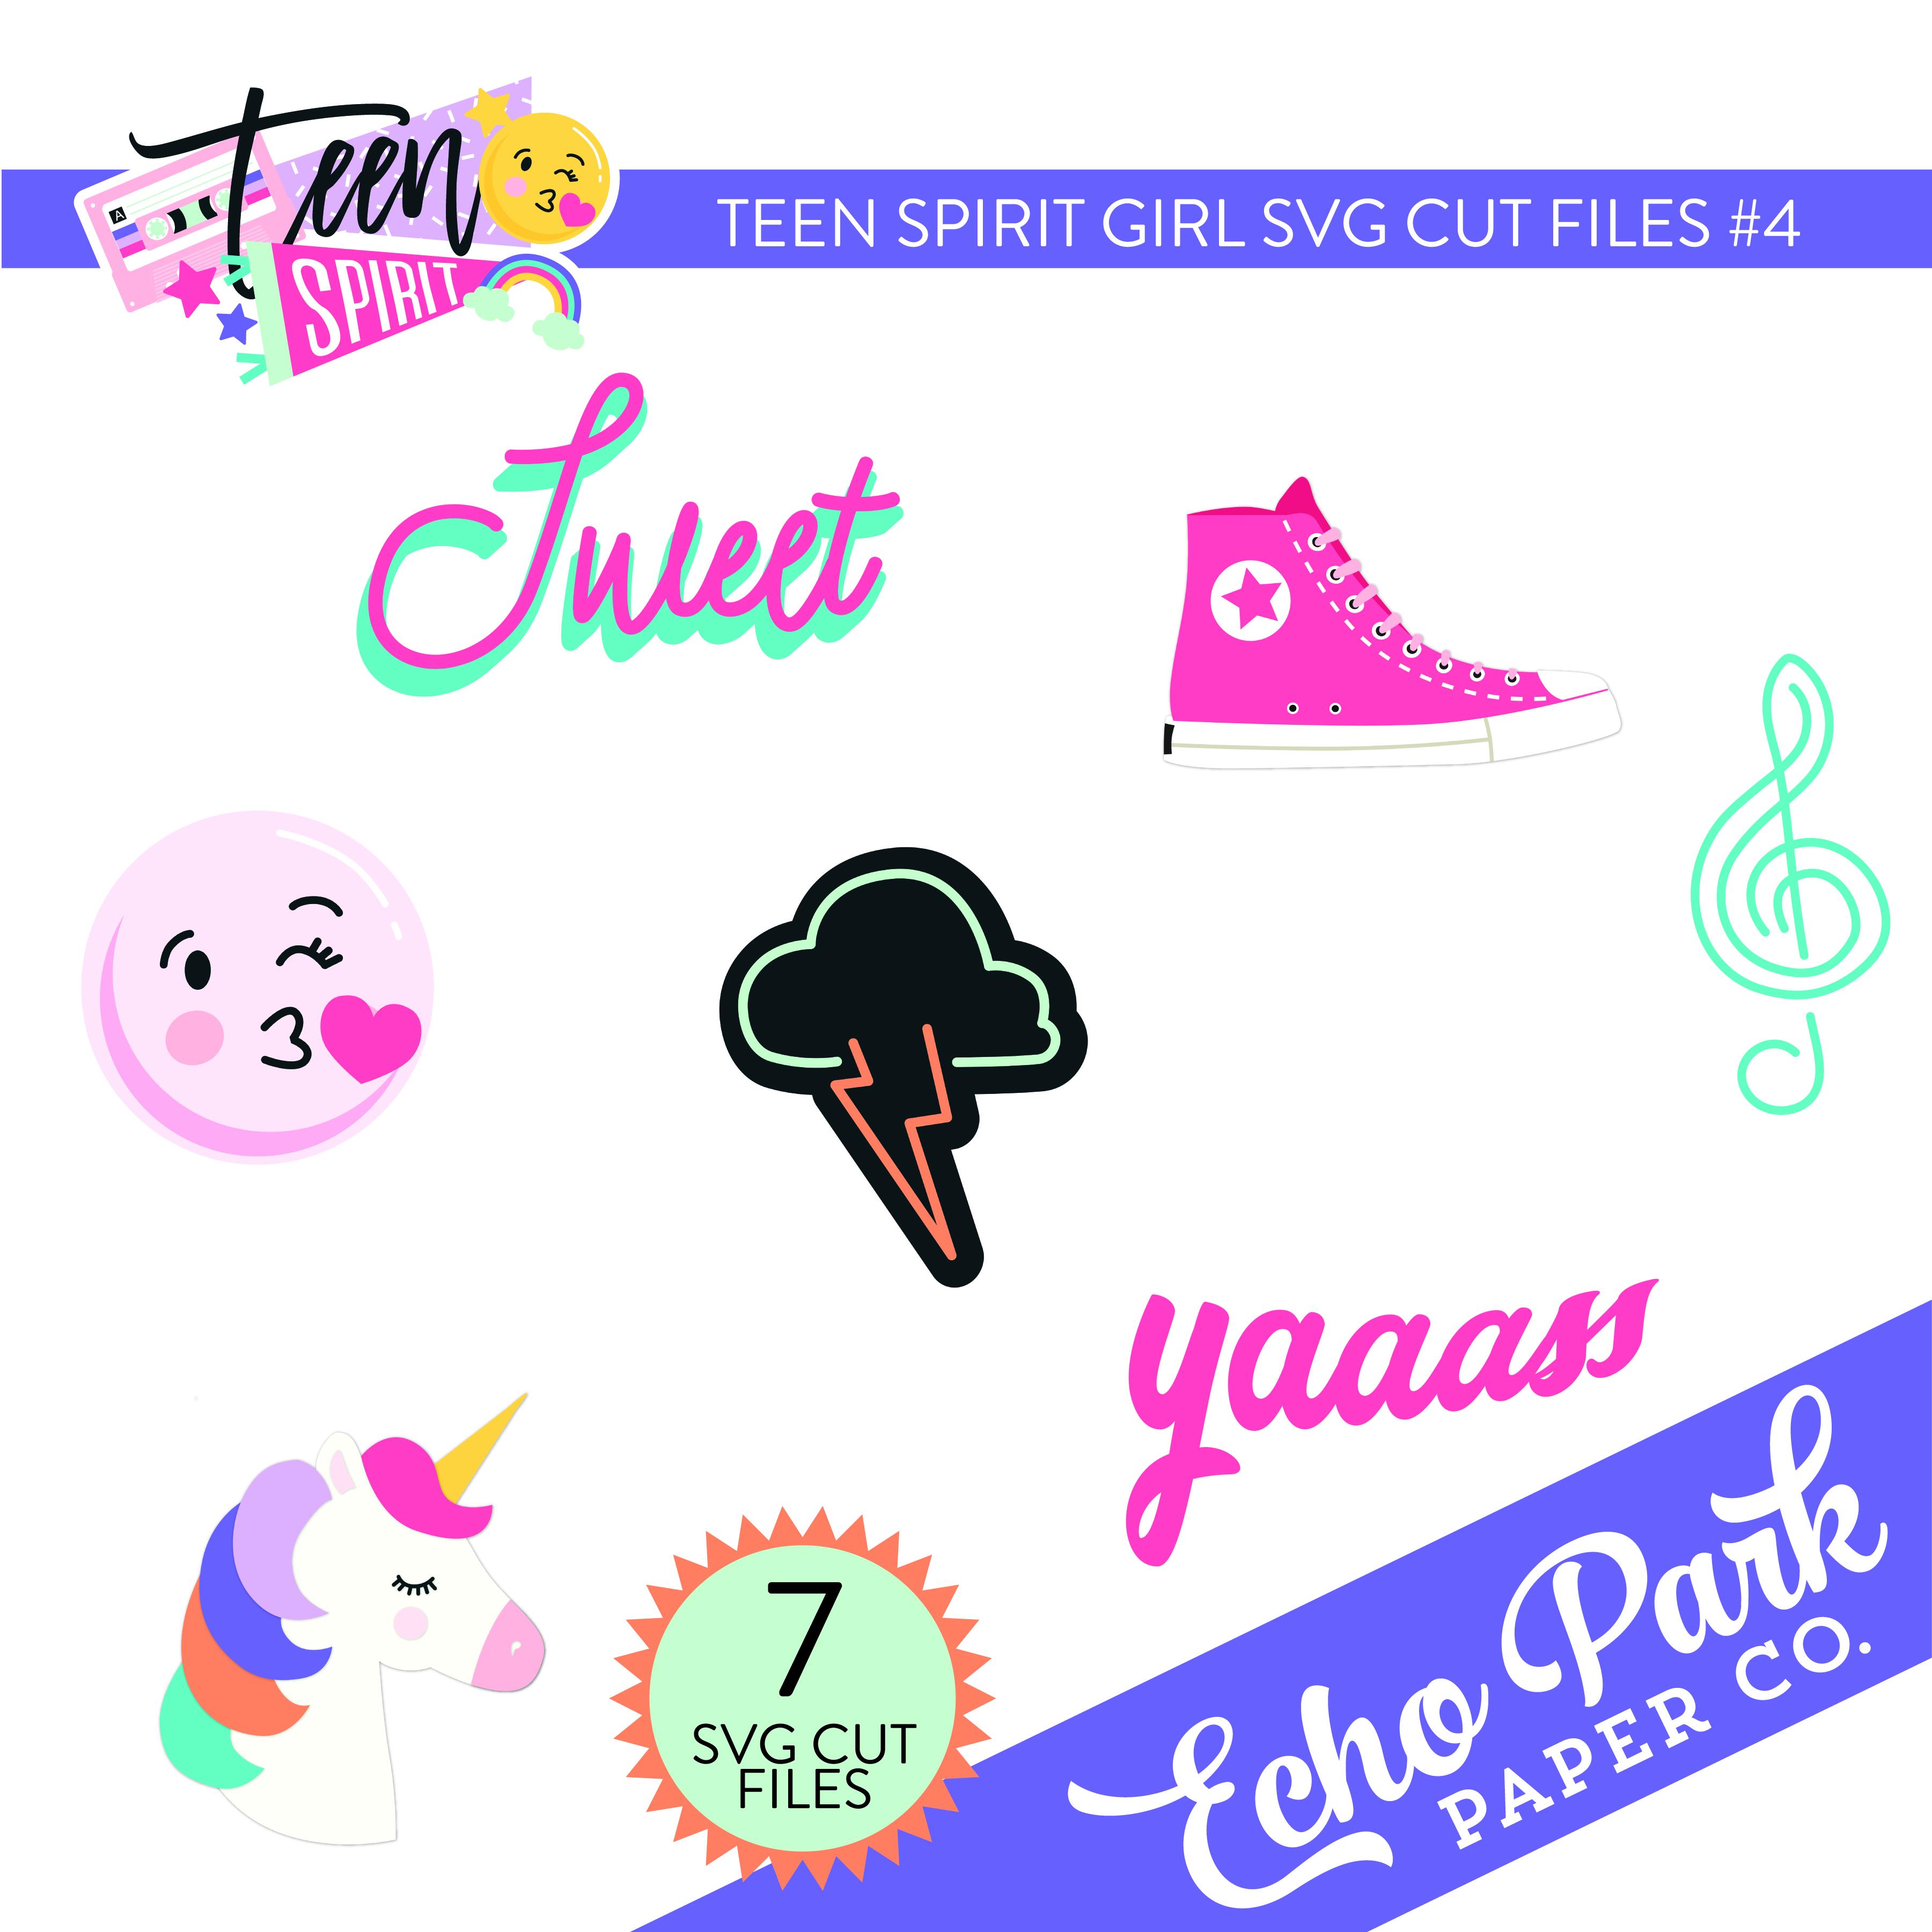 Teen Spirit Girl SVG Cut Files #4